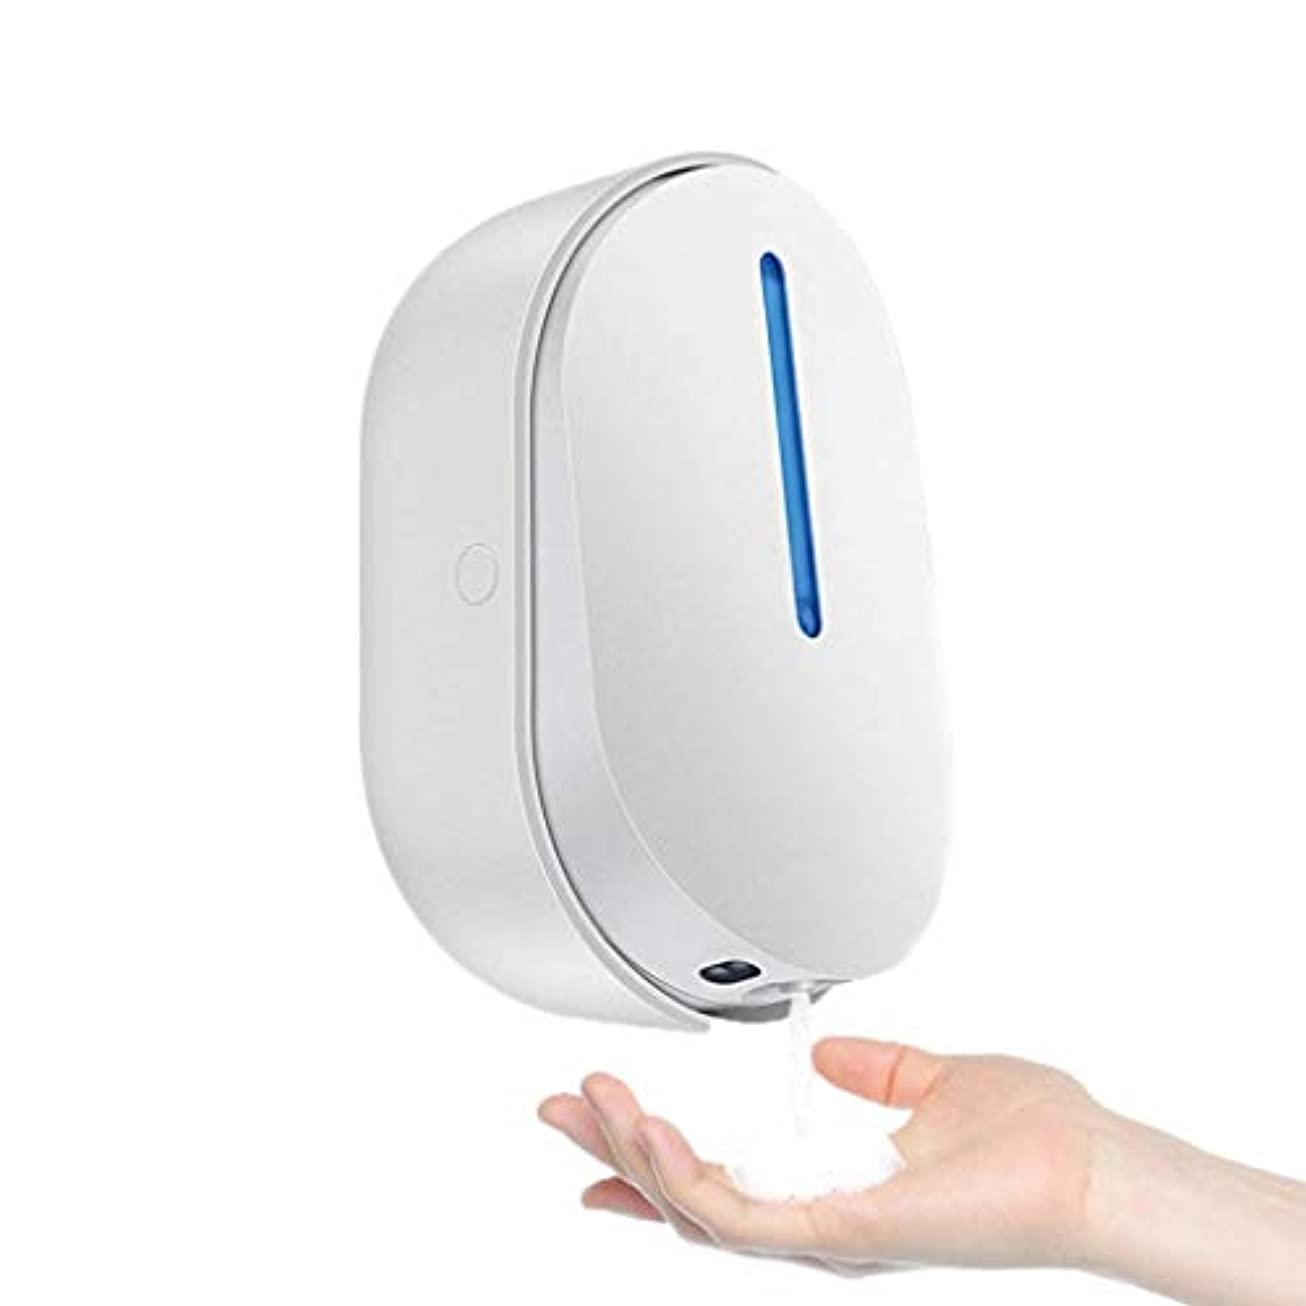 繕う革新透過性壁掛け赤外線センサーエマルジョンディスペンサーキッチンバスルームブラケットハンドソープ充電式バッテリー泡洗浄携帯電話ローション (Color : Silver, Size : 18*12.2*8.5cm)